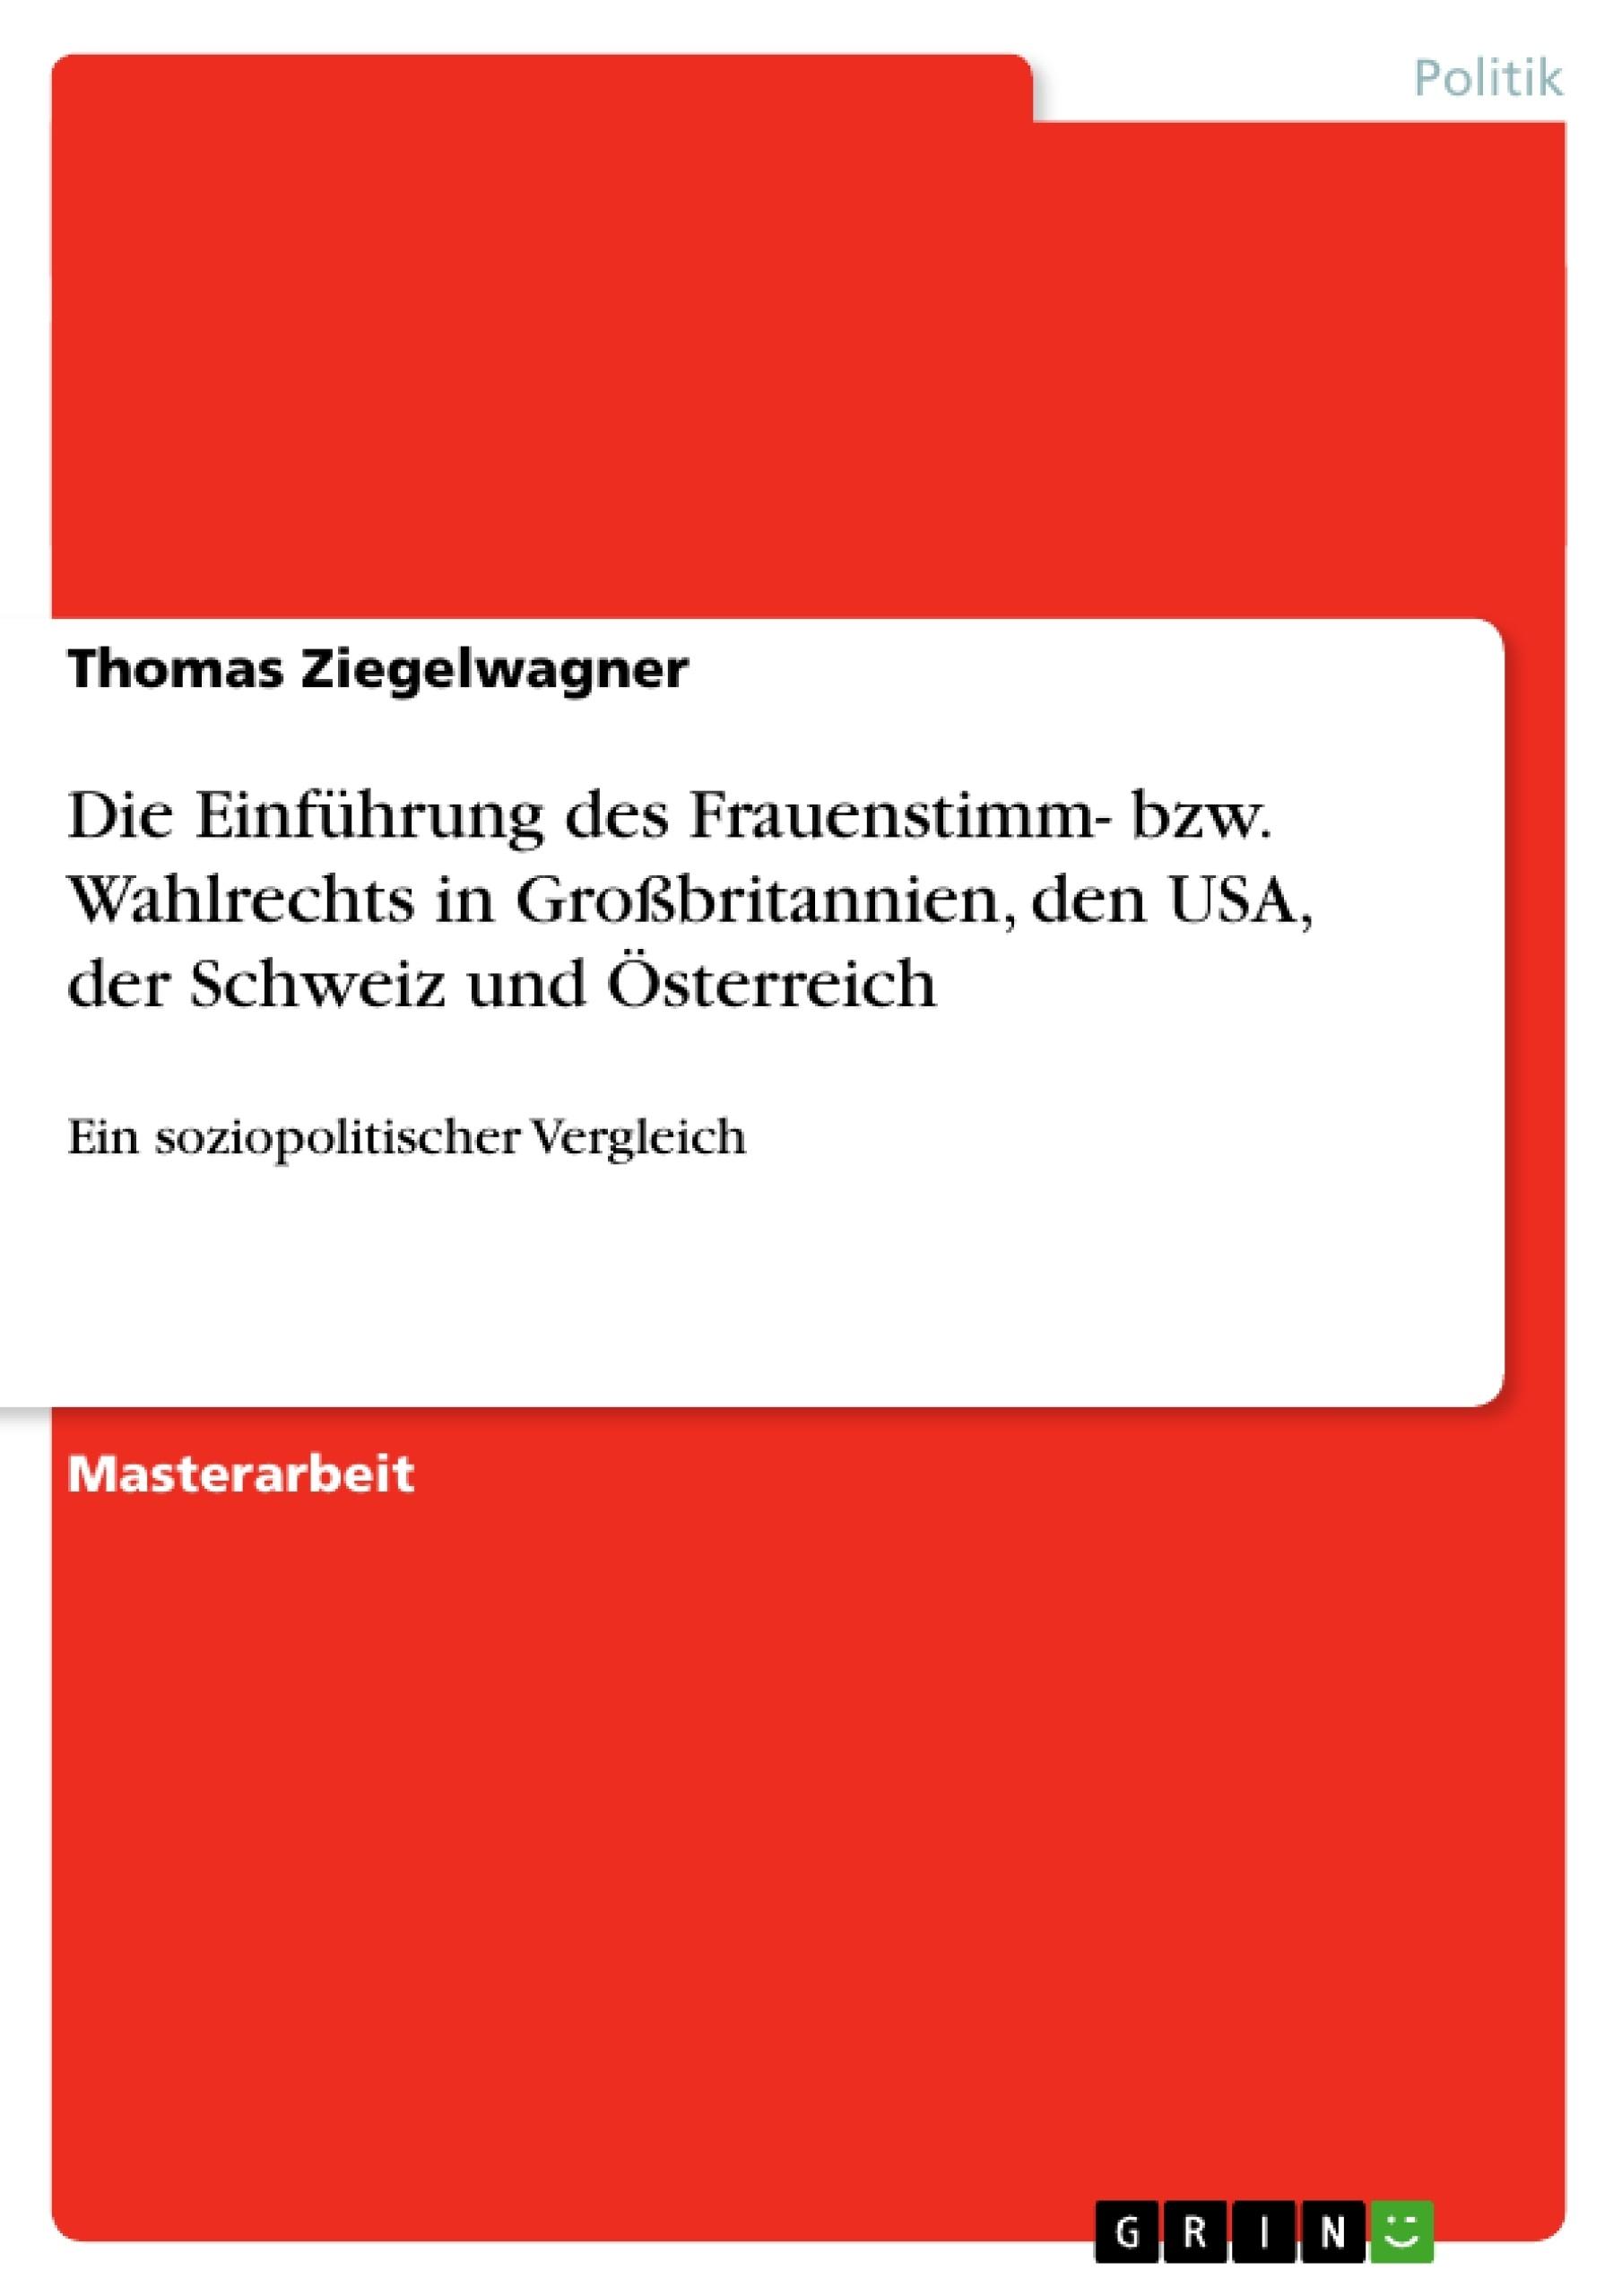 Titel: Die Einführung des Frauenstimm- bzw. Wahlrechts in Großbritannien, den USA, der Schweiz und Österreich